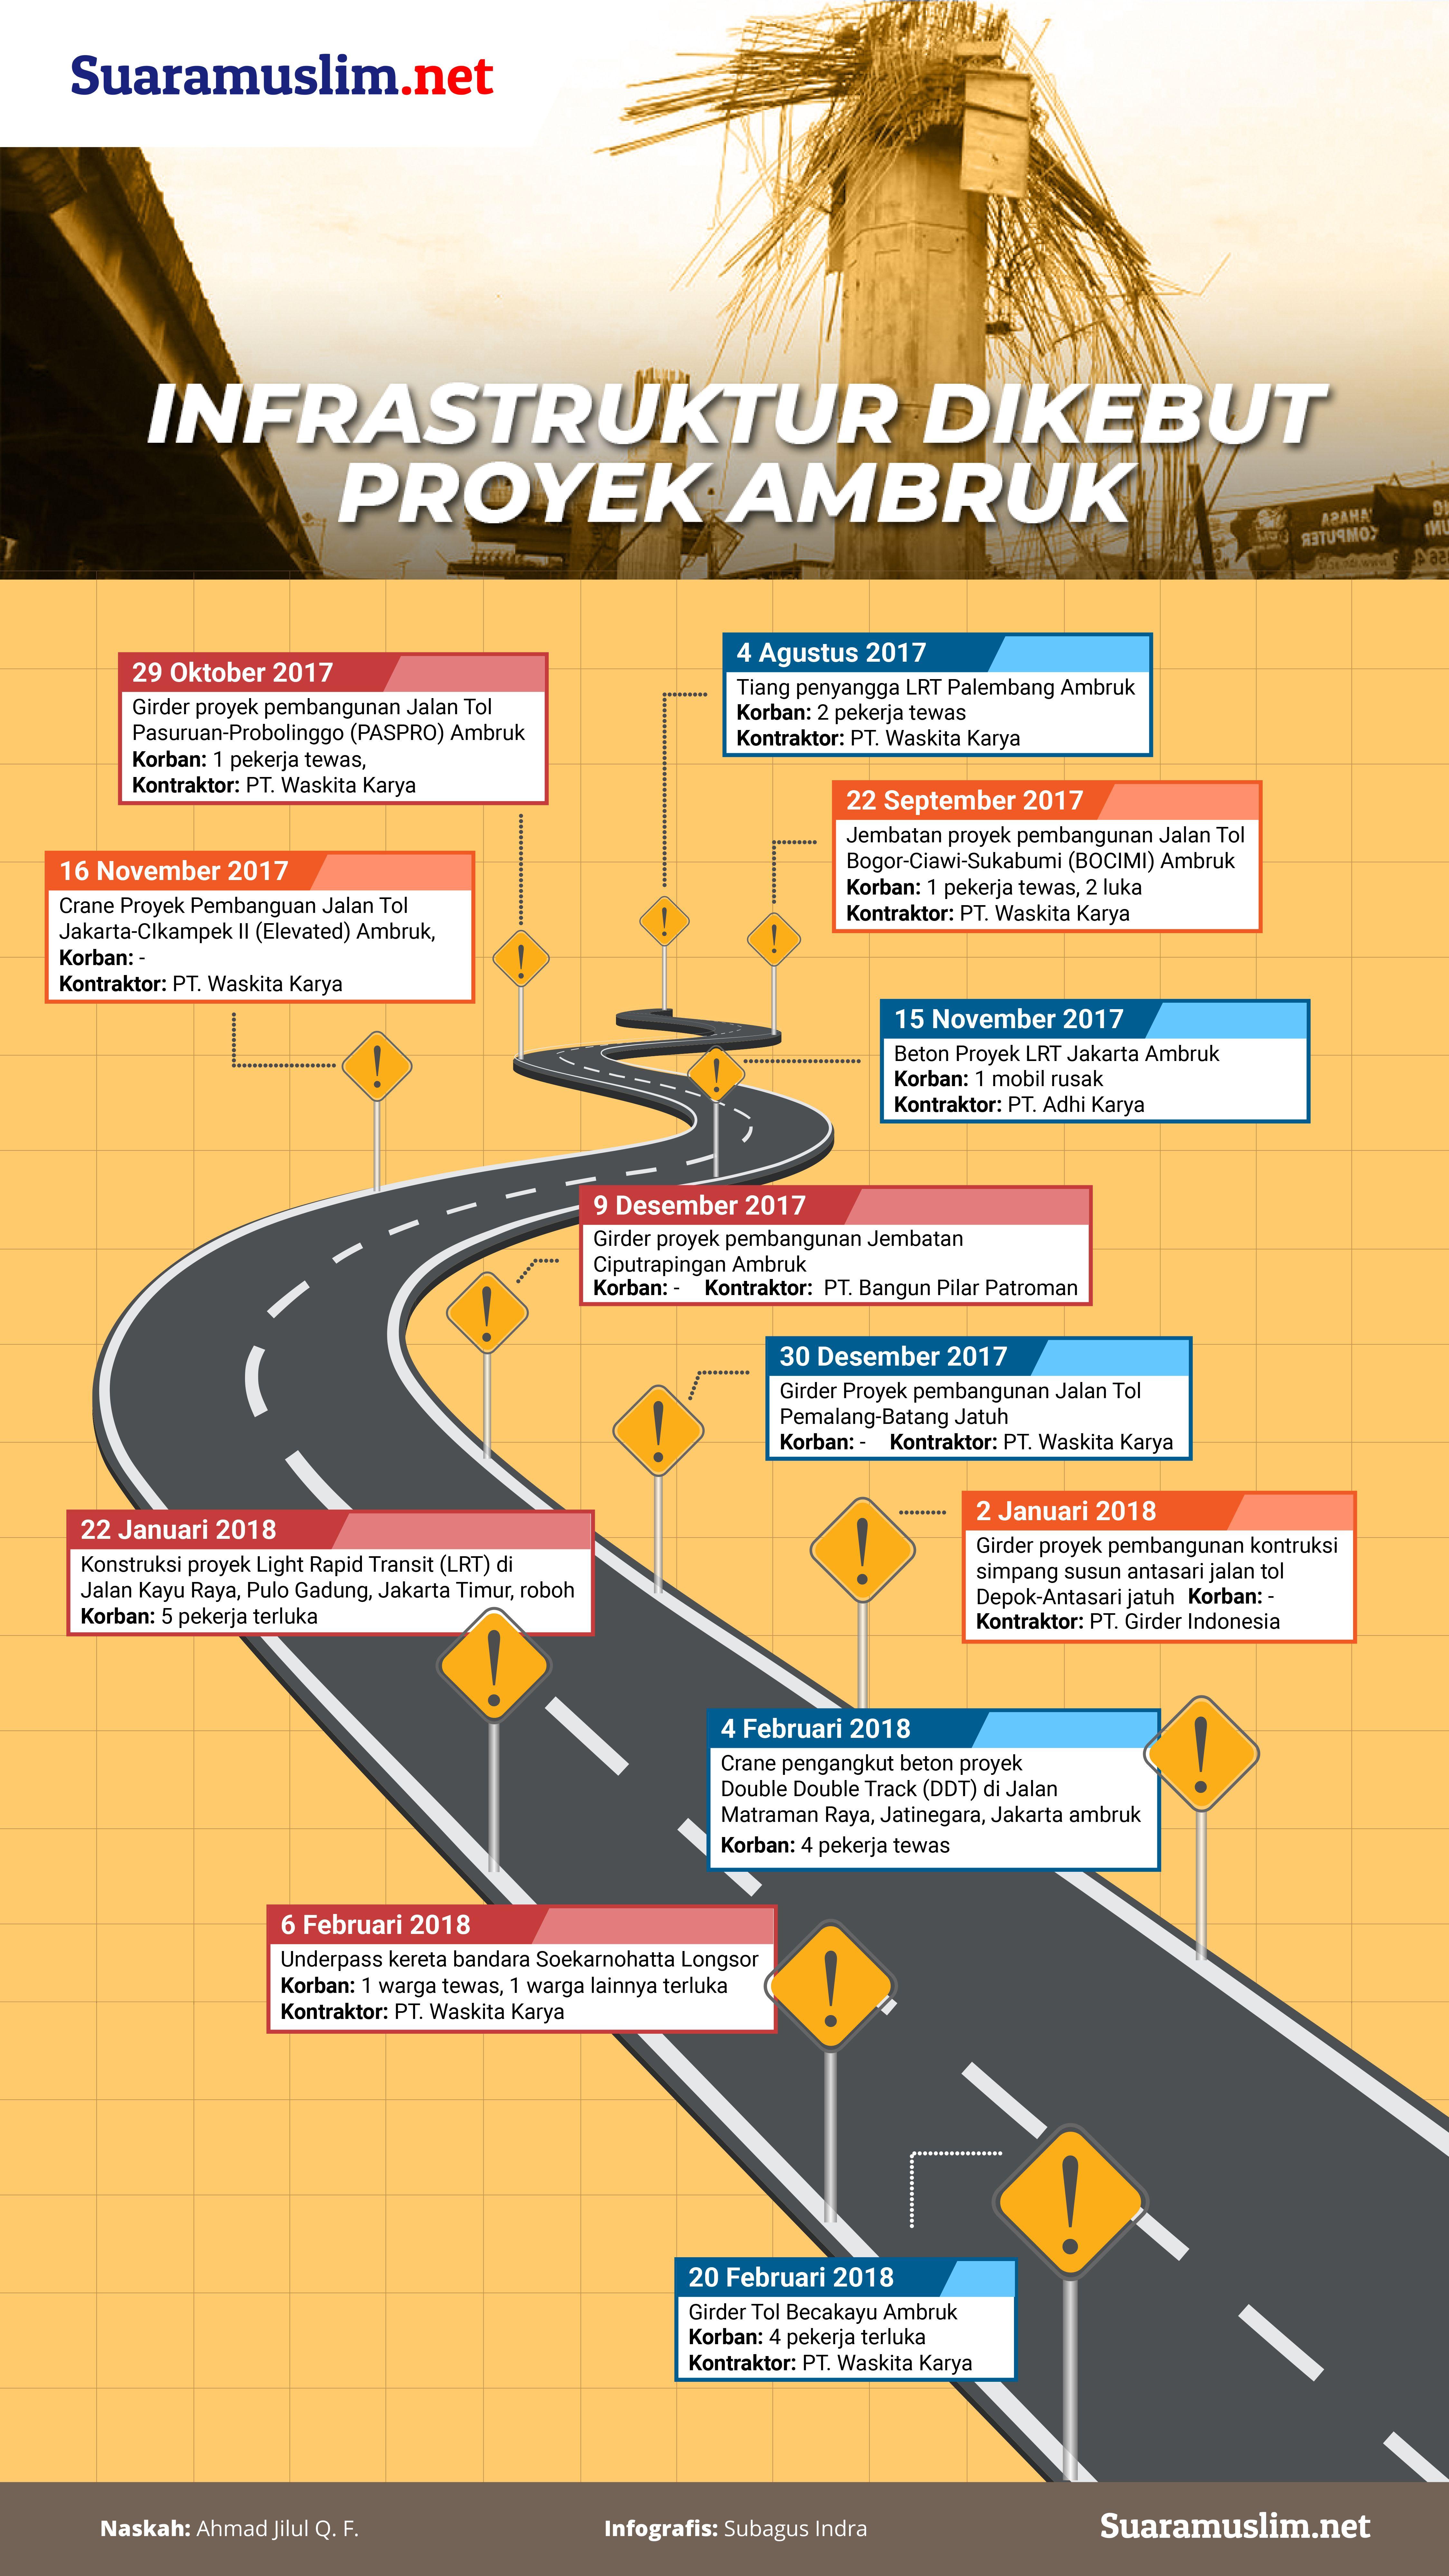 Tercatat lebih dari 10 infrastruktur yang dibangun di era Pemerintahan Joko Widodo ambruk dalam beberapa bulan terakhir, simak berita dan infografisnya!